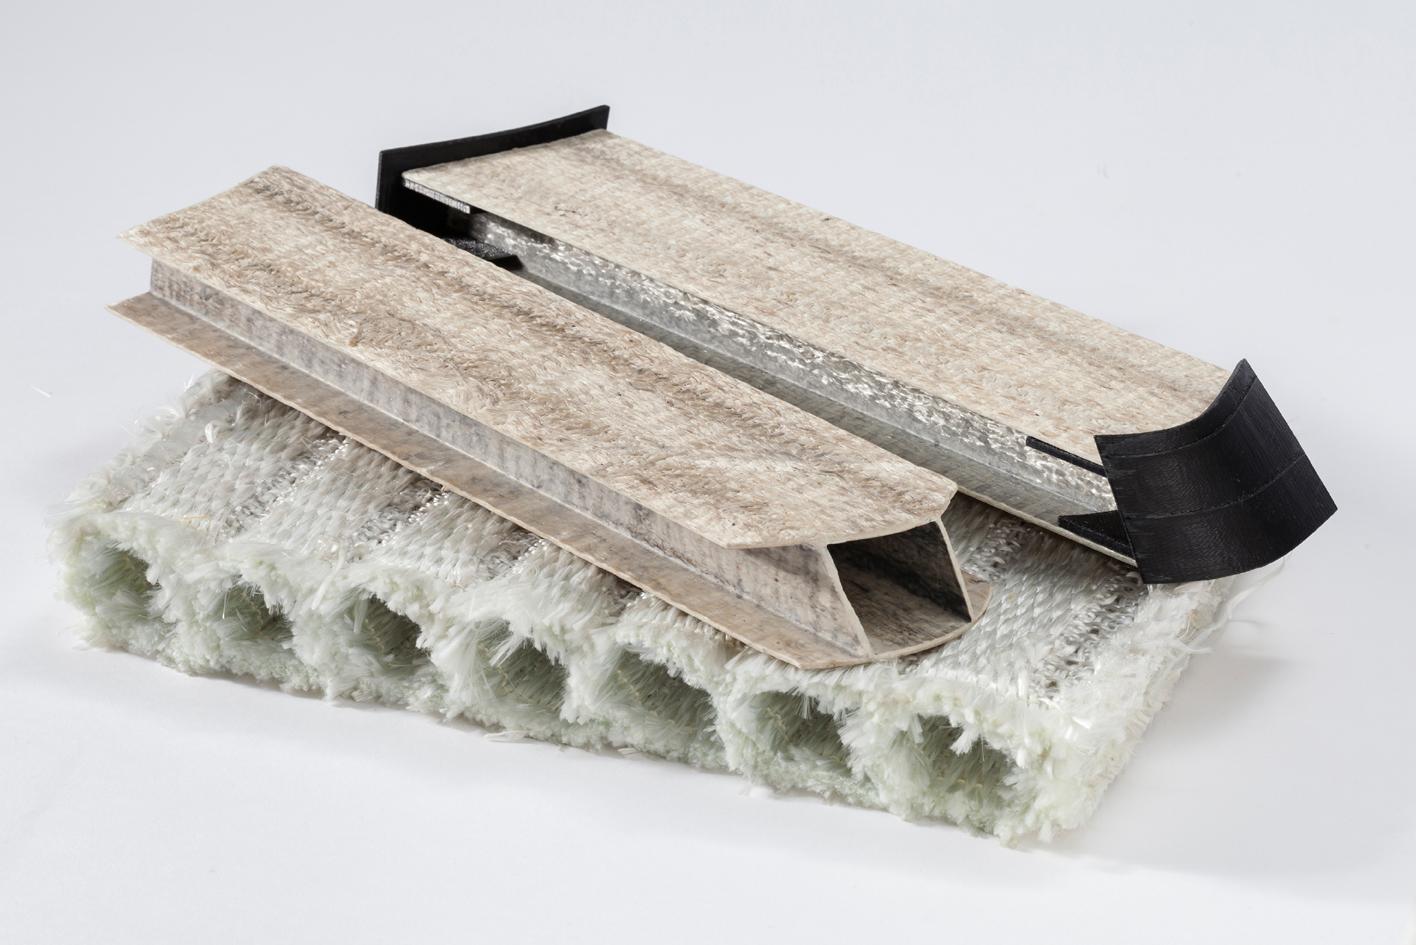 Van de Wiele Kompozitlerde Termoplastik Kullanımını Hızlandırıyor